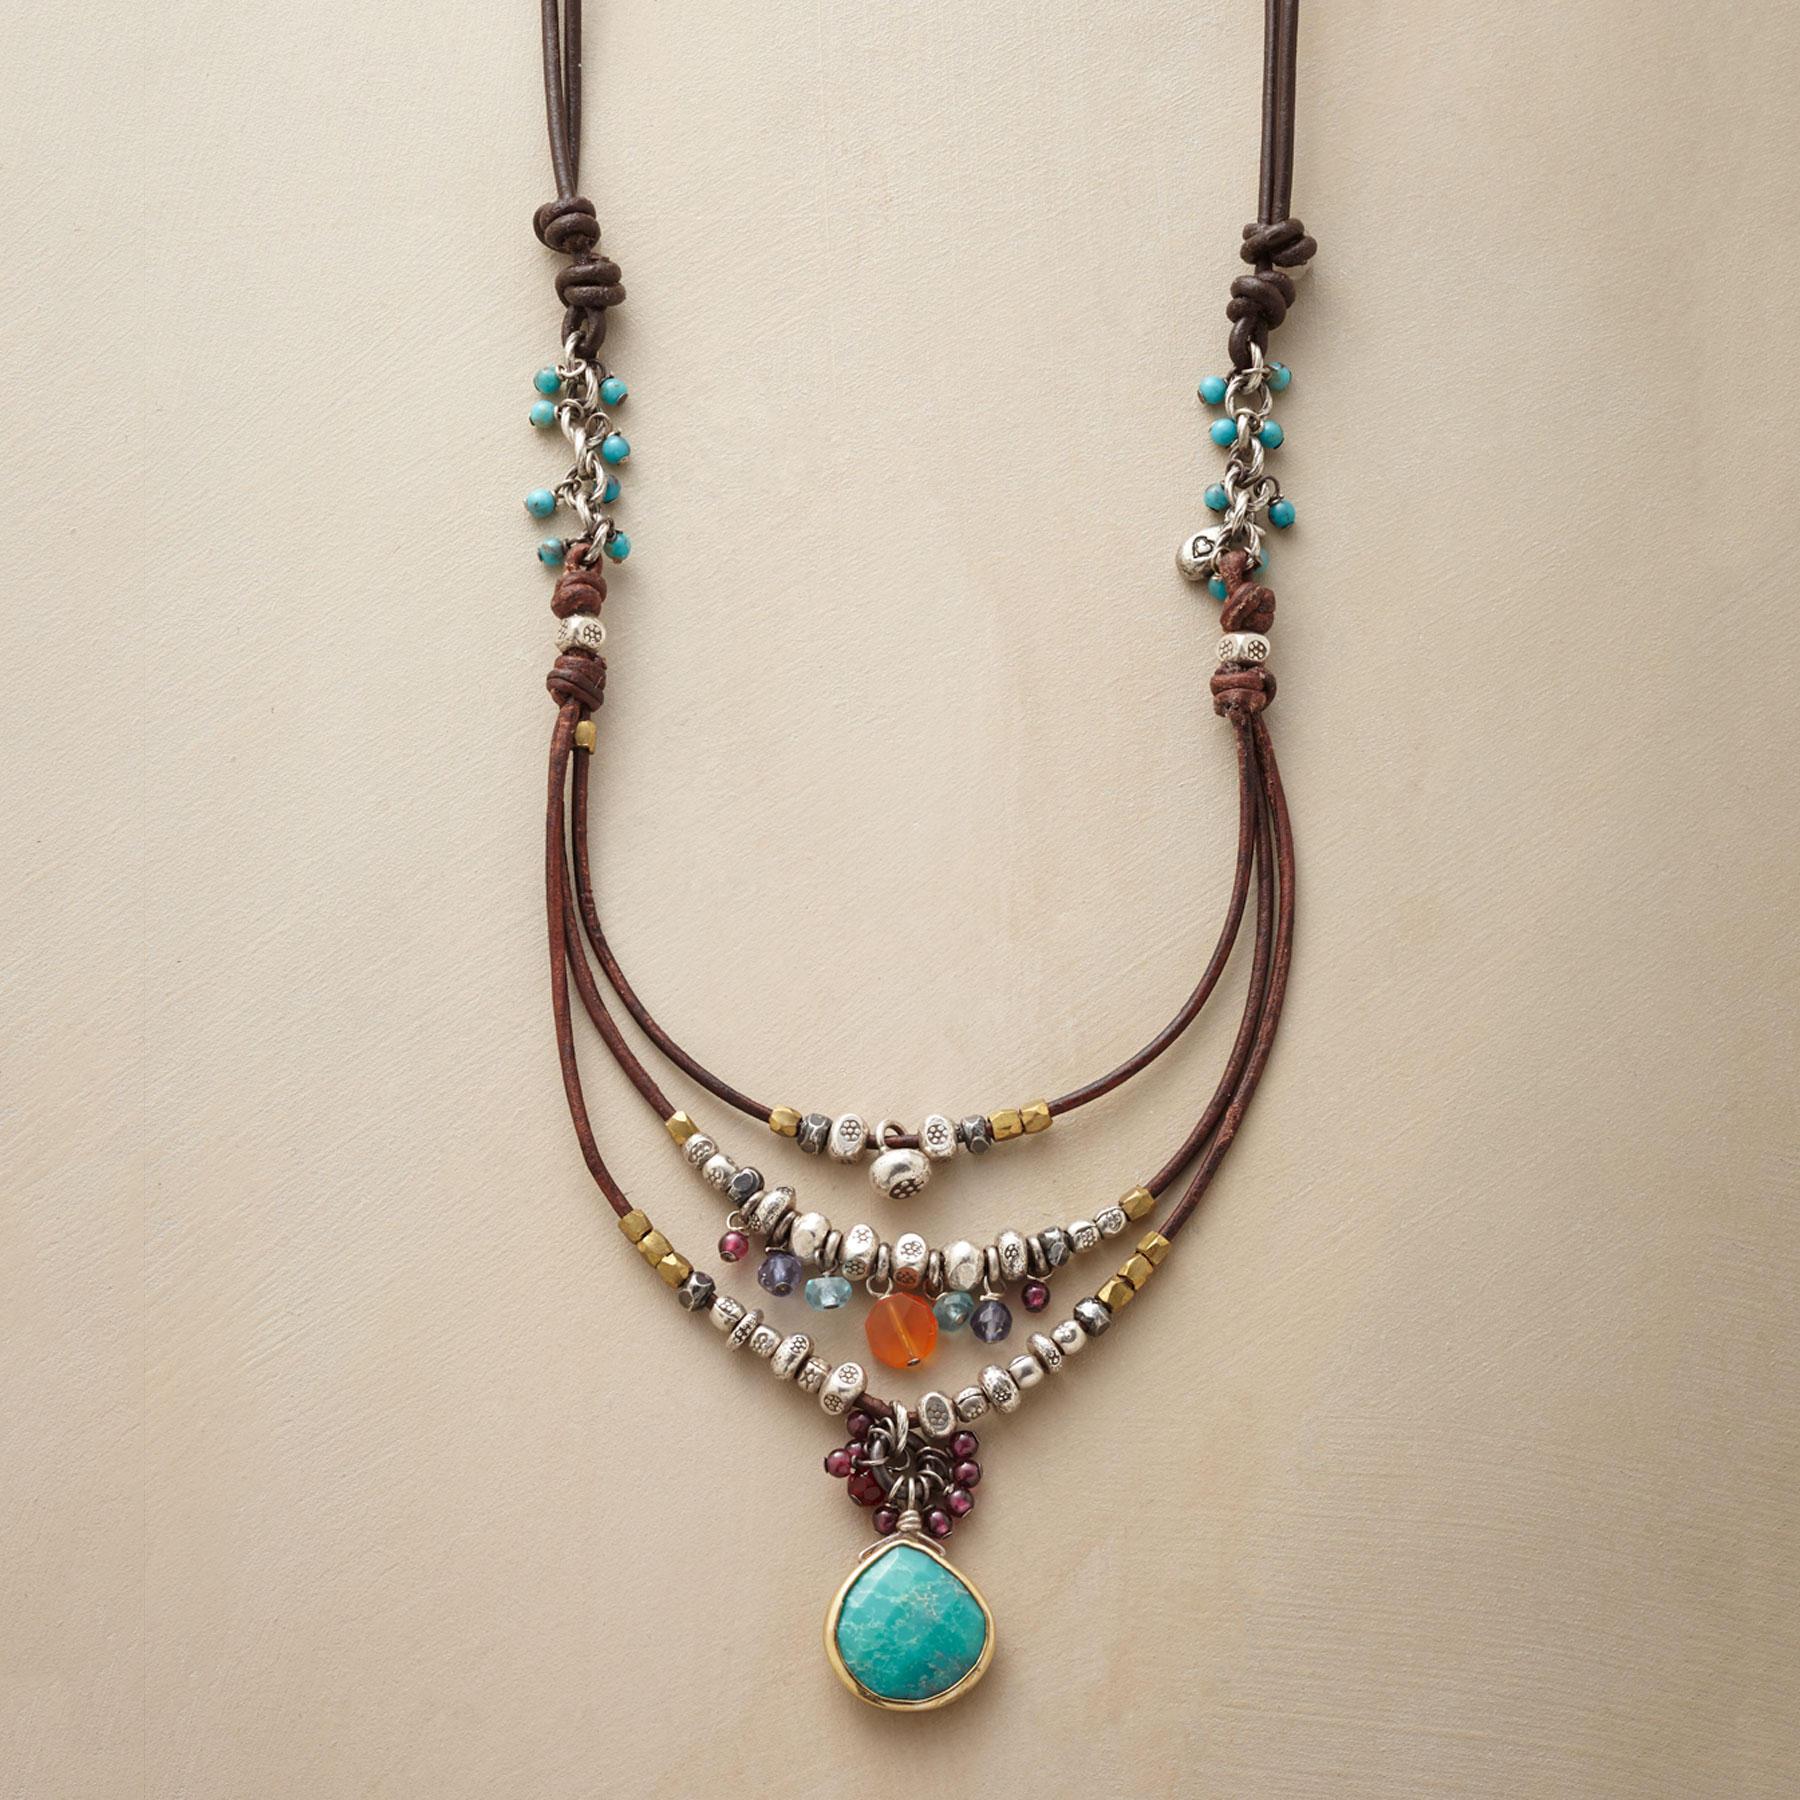 Compendium Necklace